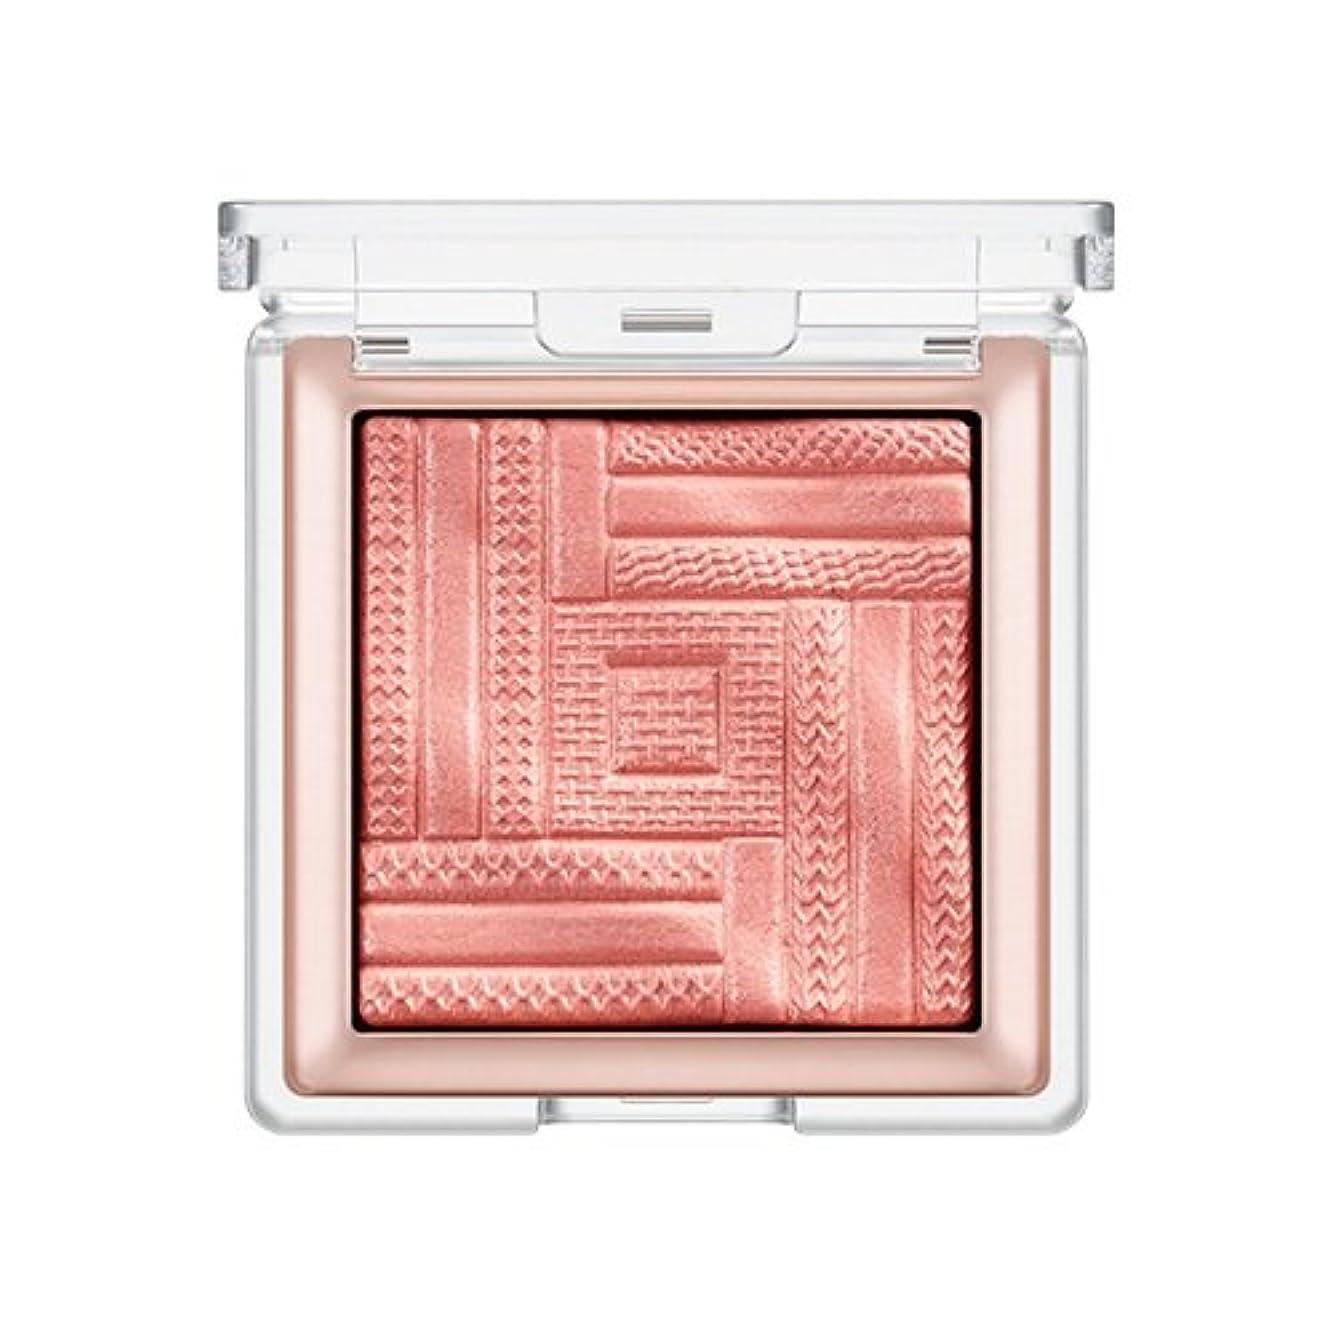 息苦しい接尾辞一流MISSHA Satin Ital Prism Blusher (# Pink Village) / ミシャ サテンイタルプリズム チーク ブラッシャー [並行輸入品]